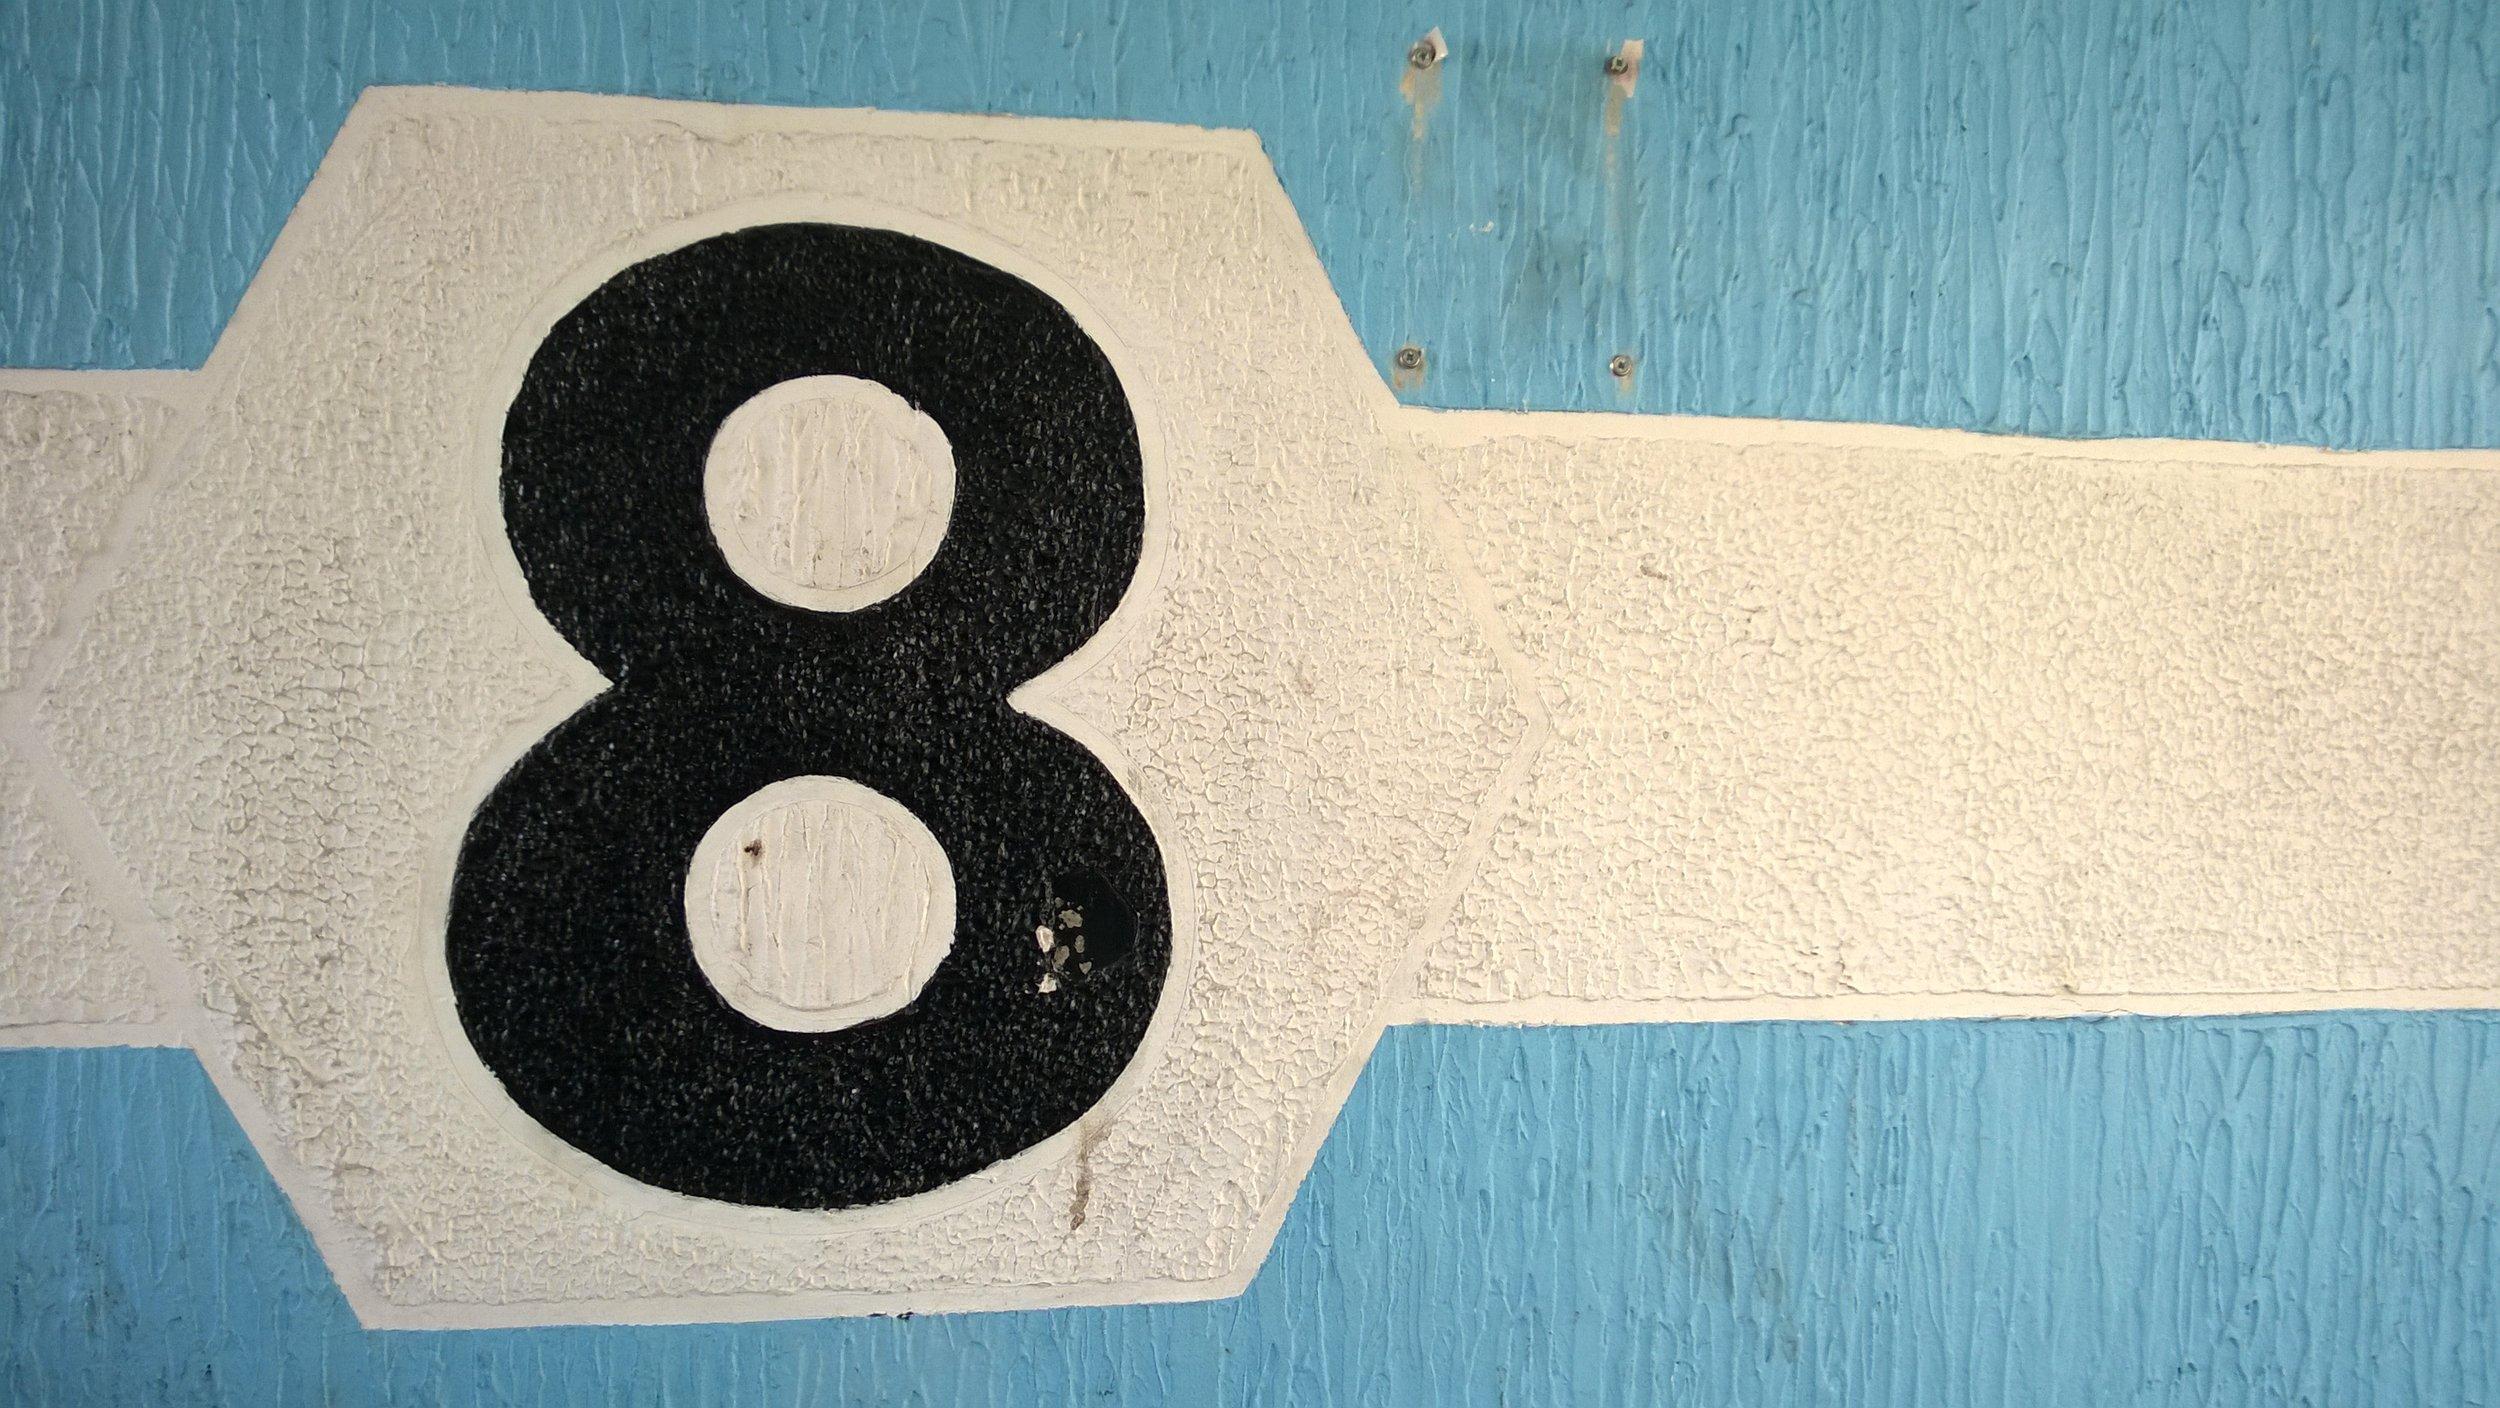 Floor number sign.